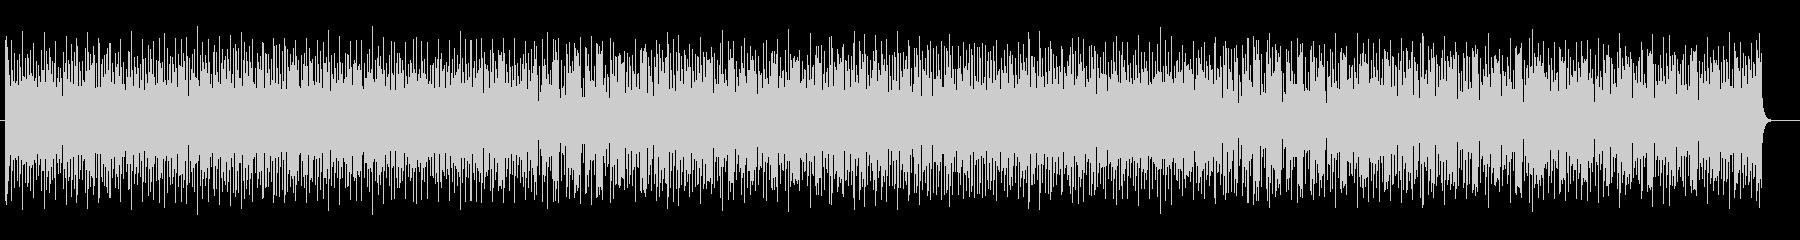 ピアノ中心の軽やかなジャズの未再生の波形